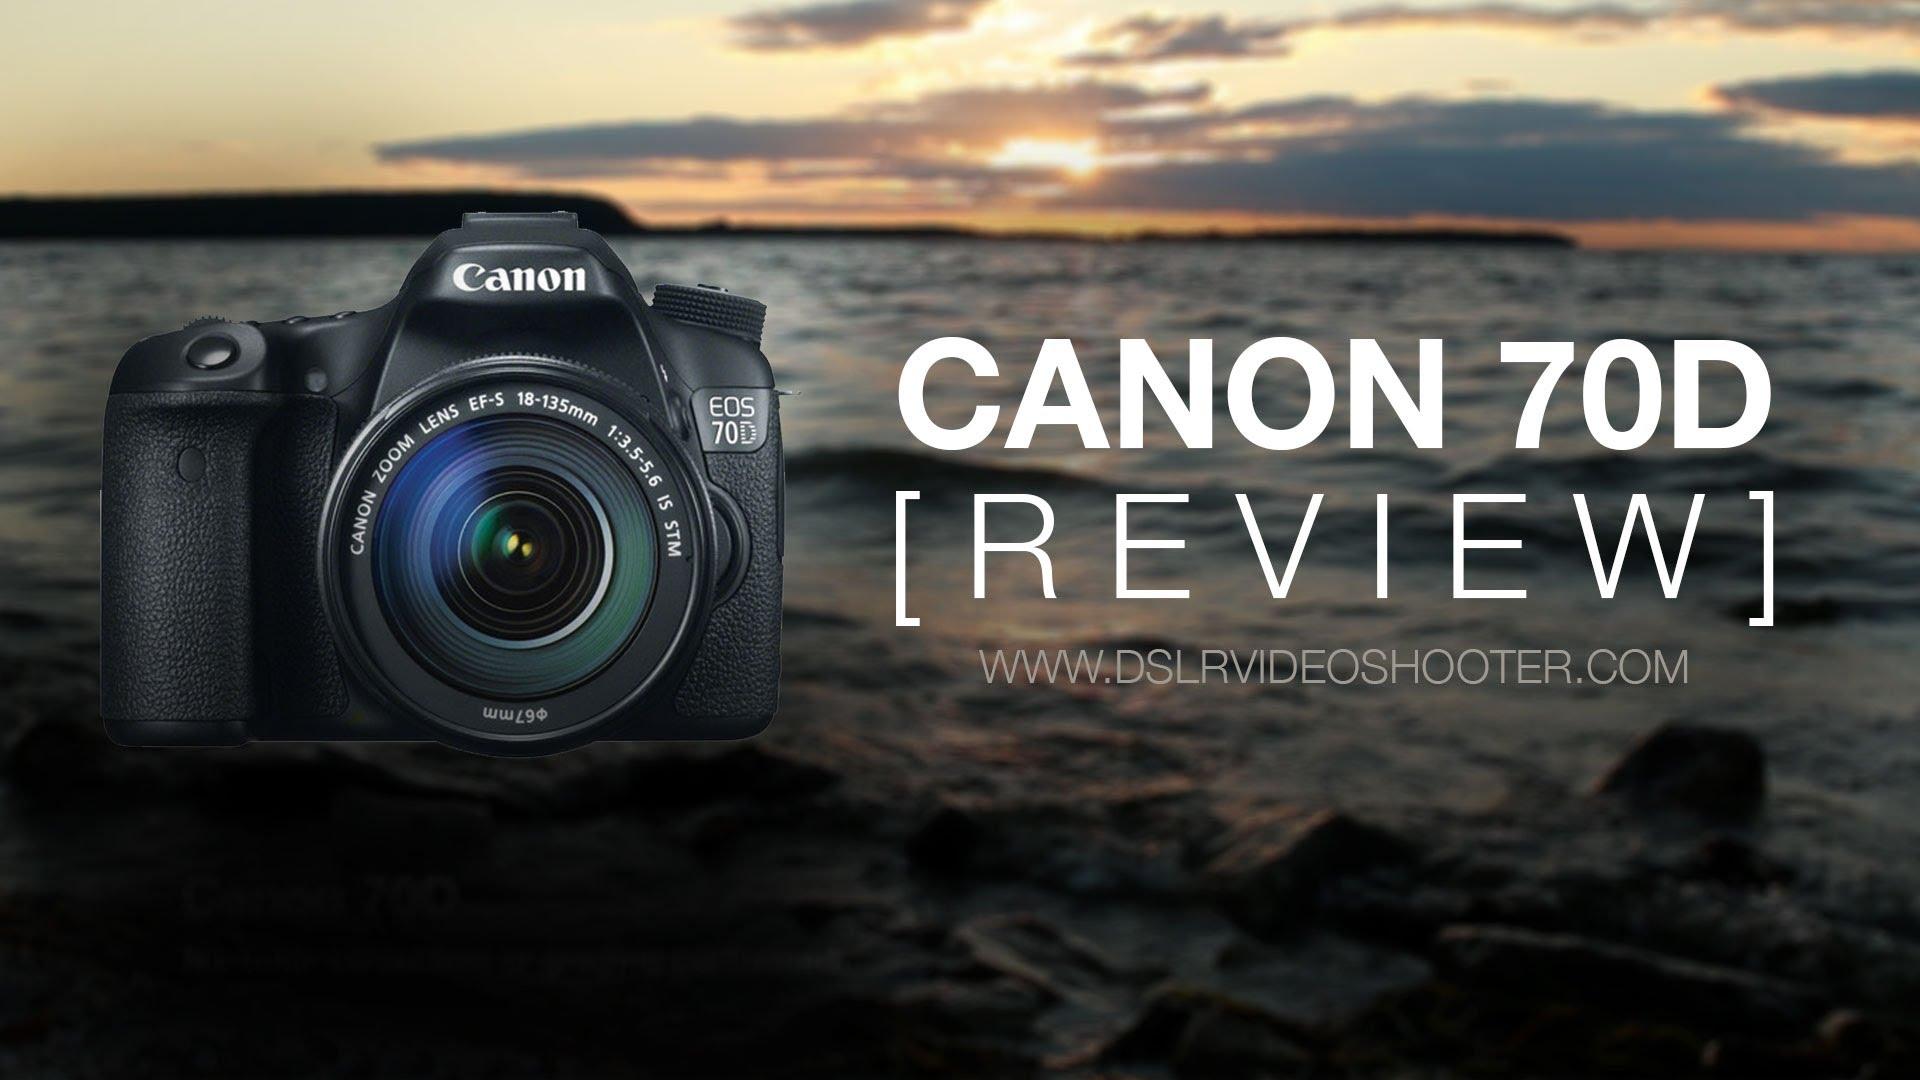 Canon 70D DSLR Video Review